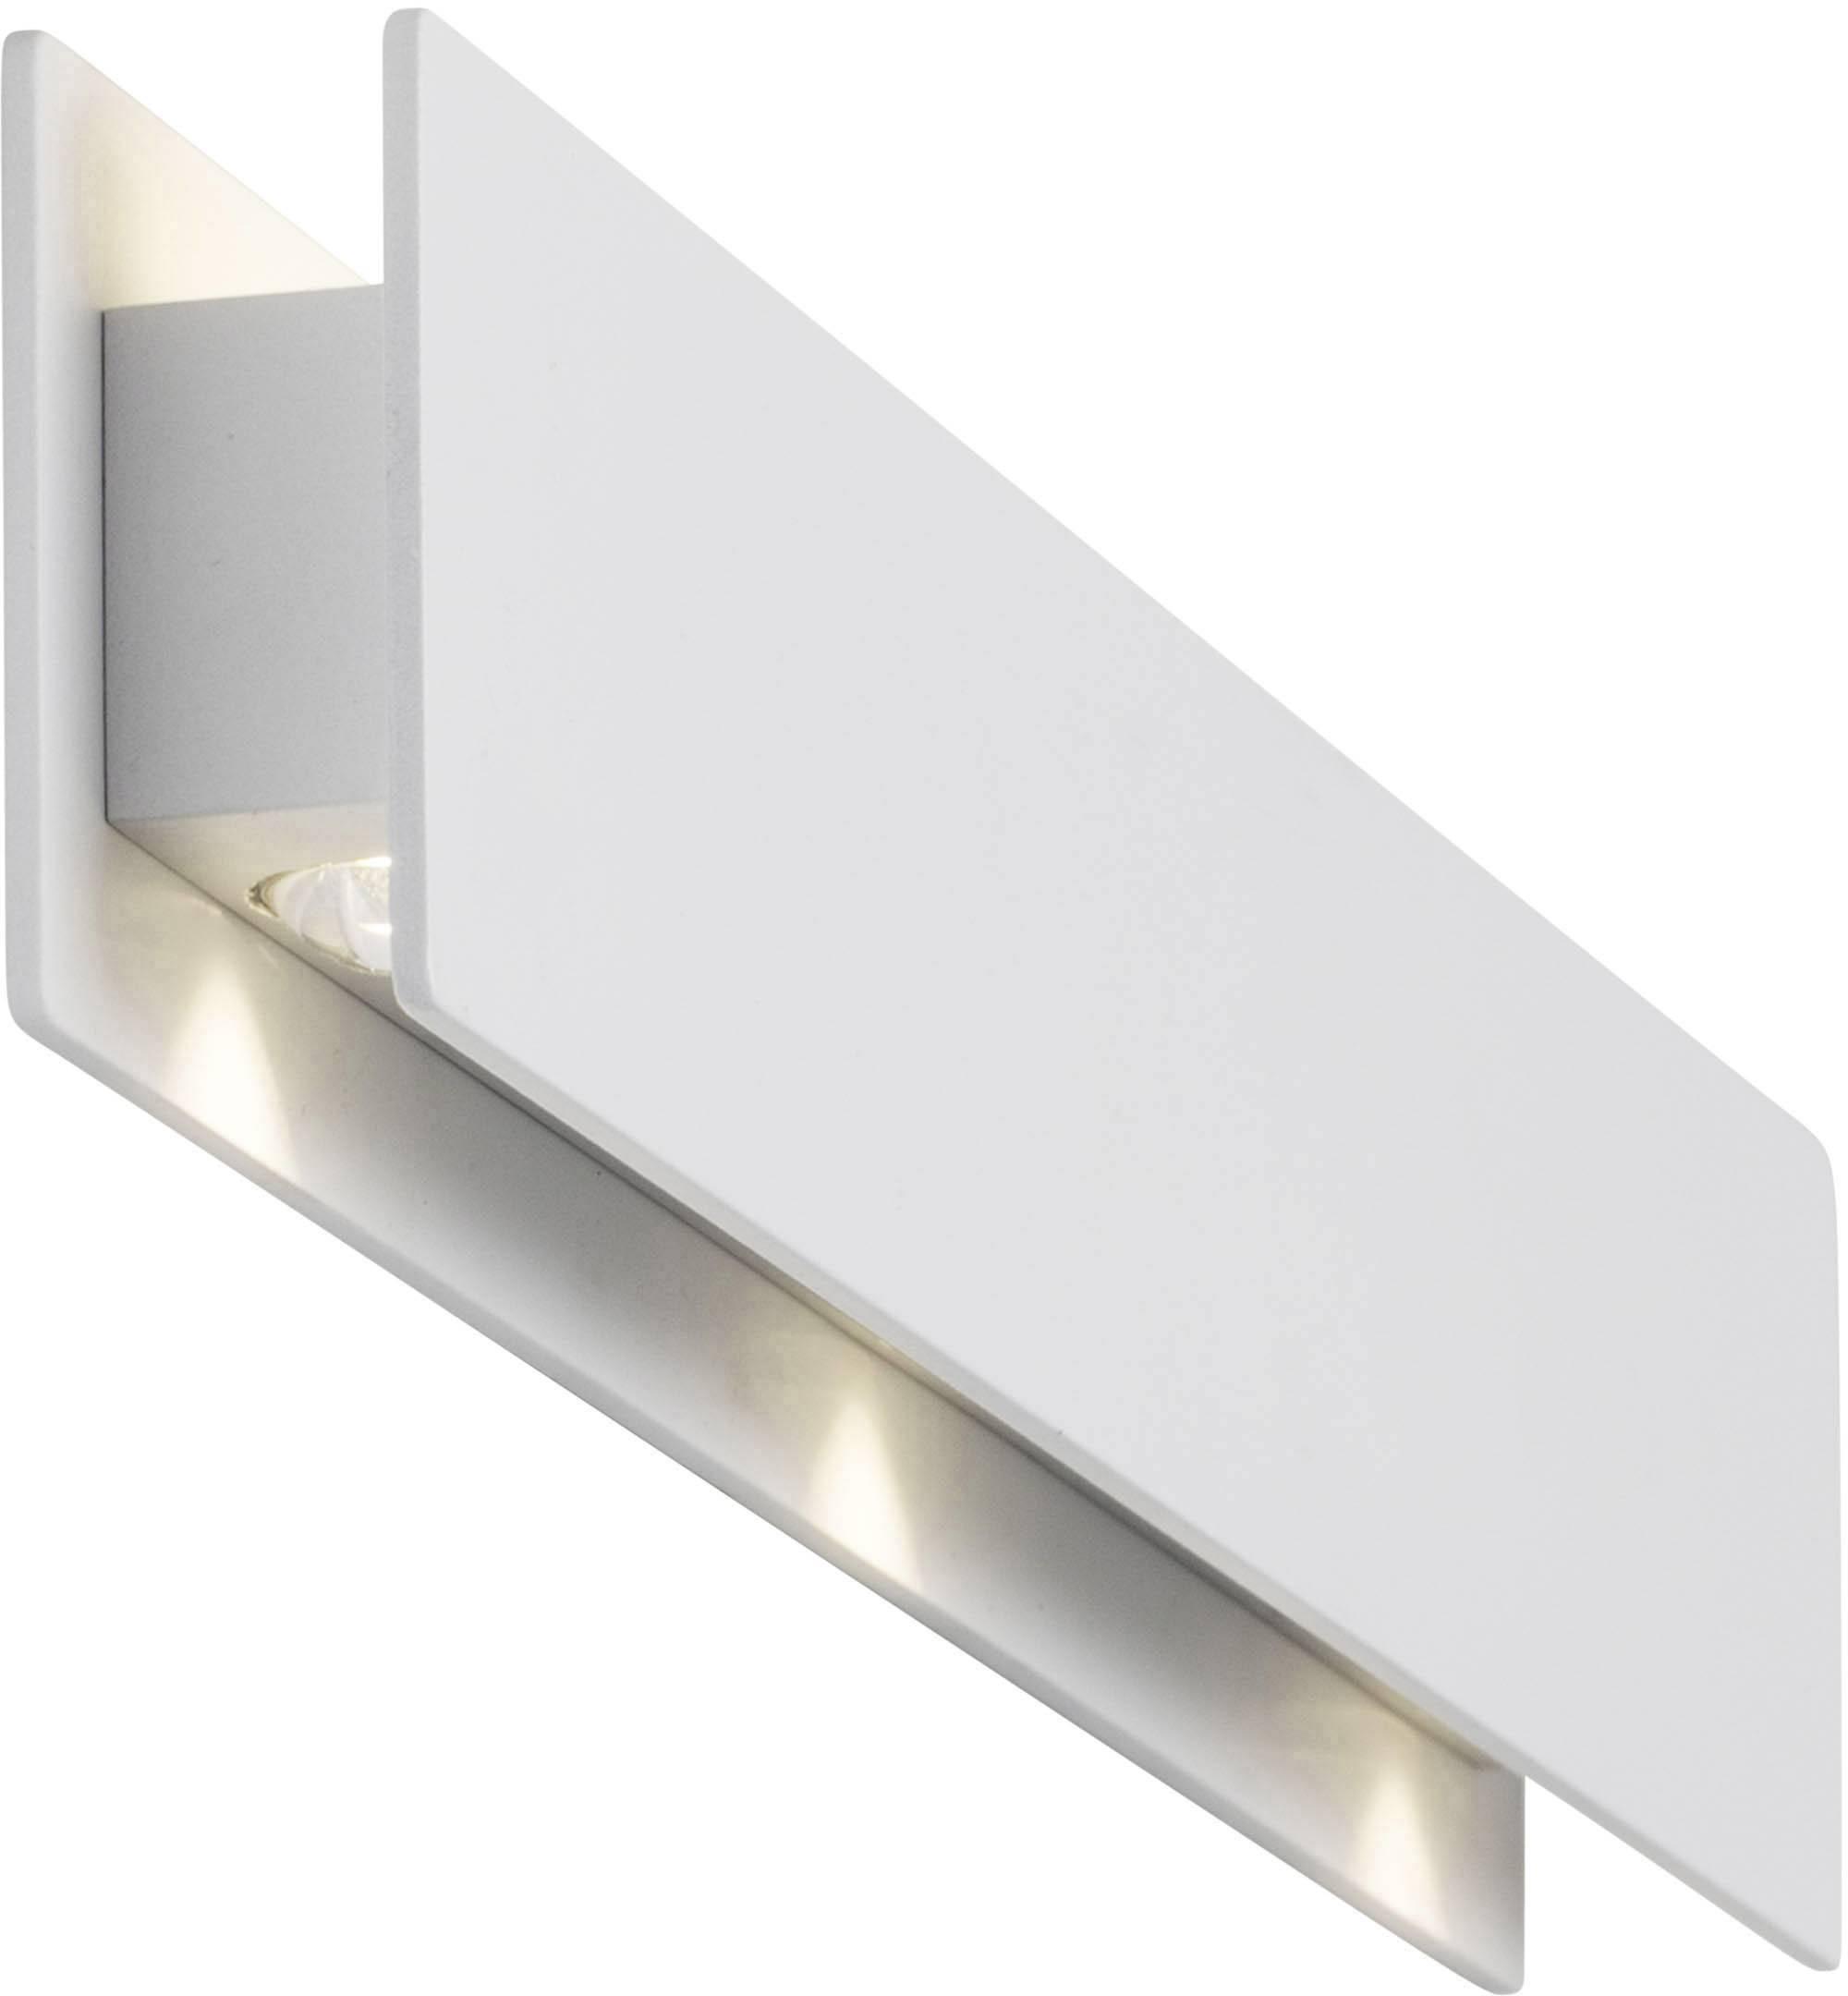 aeg wandleuchte cort wall light